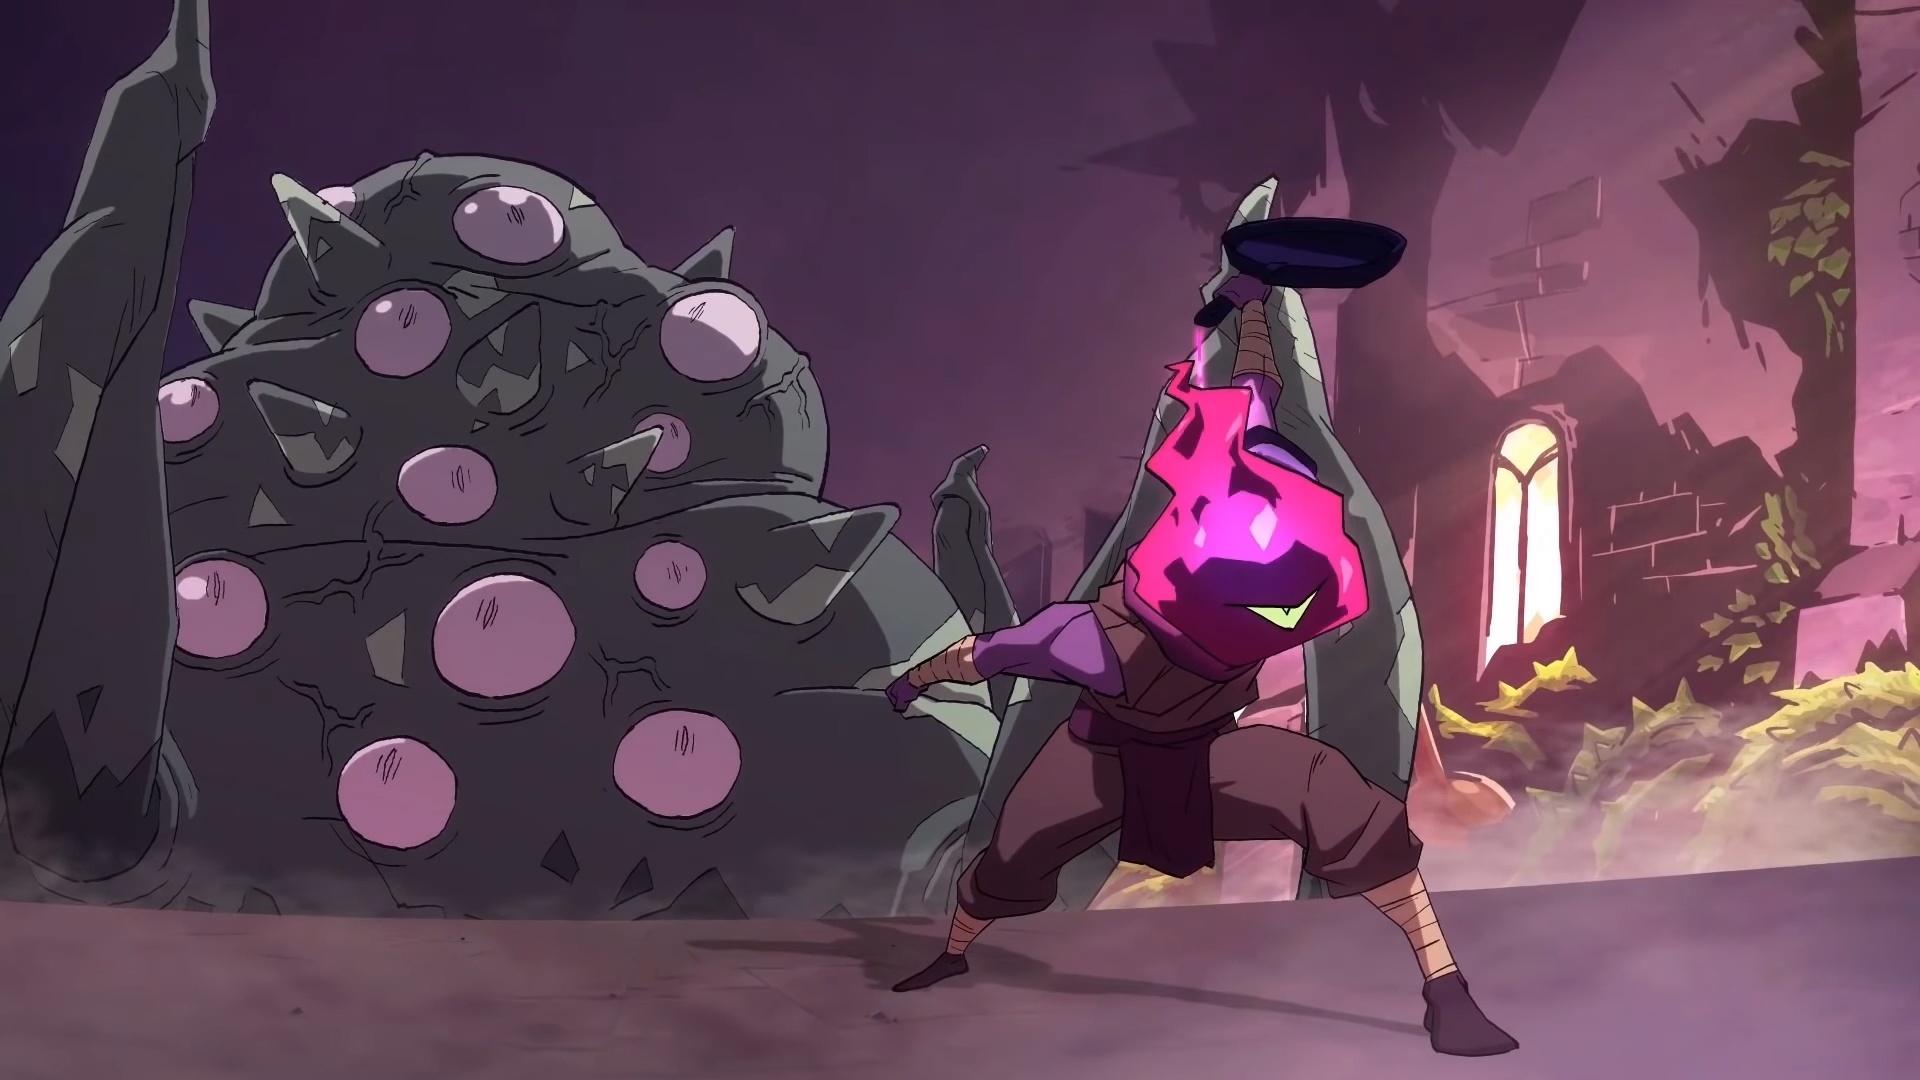 Появился анимационный трейлер дополнения The Bad Seed для Dead Cells